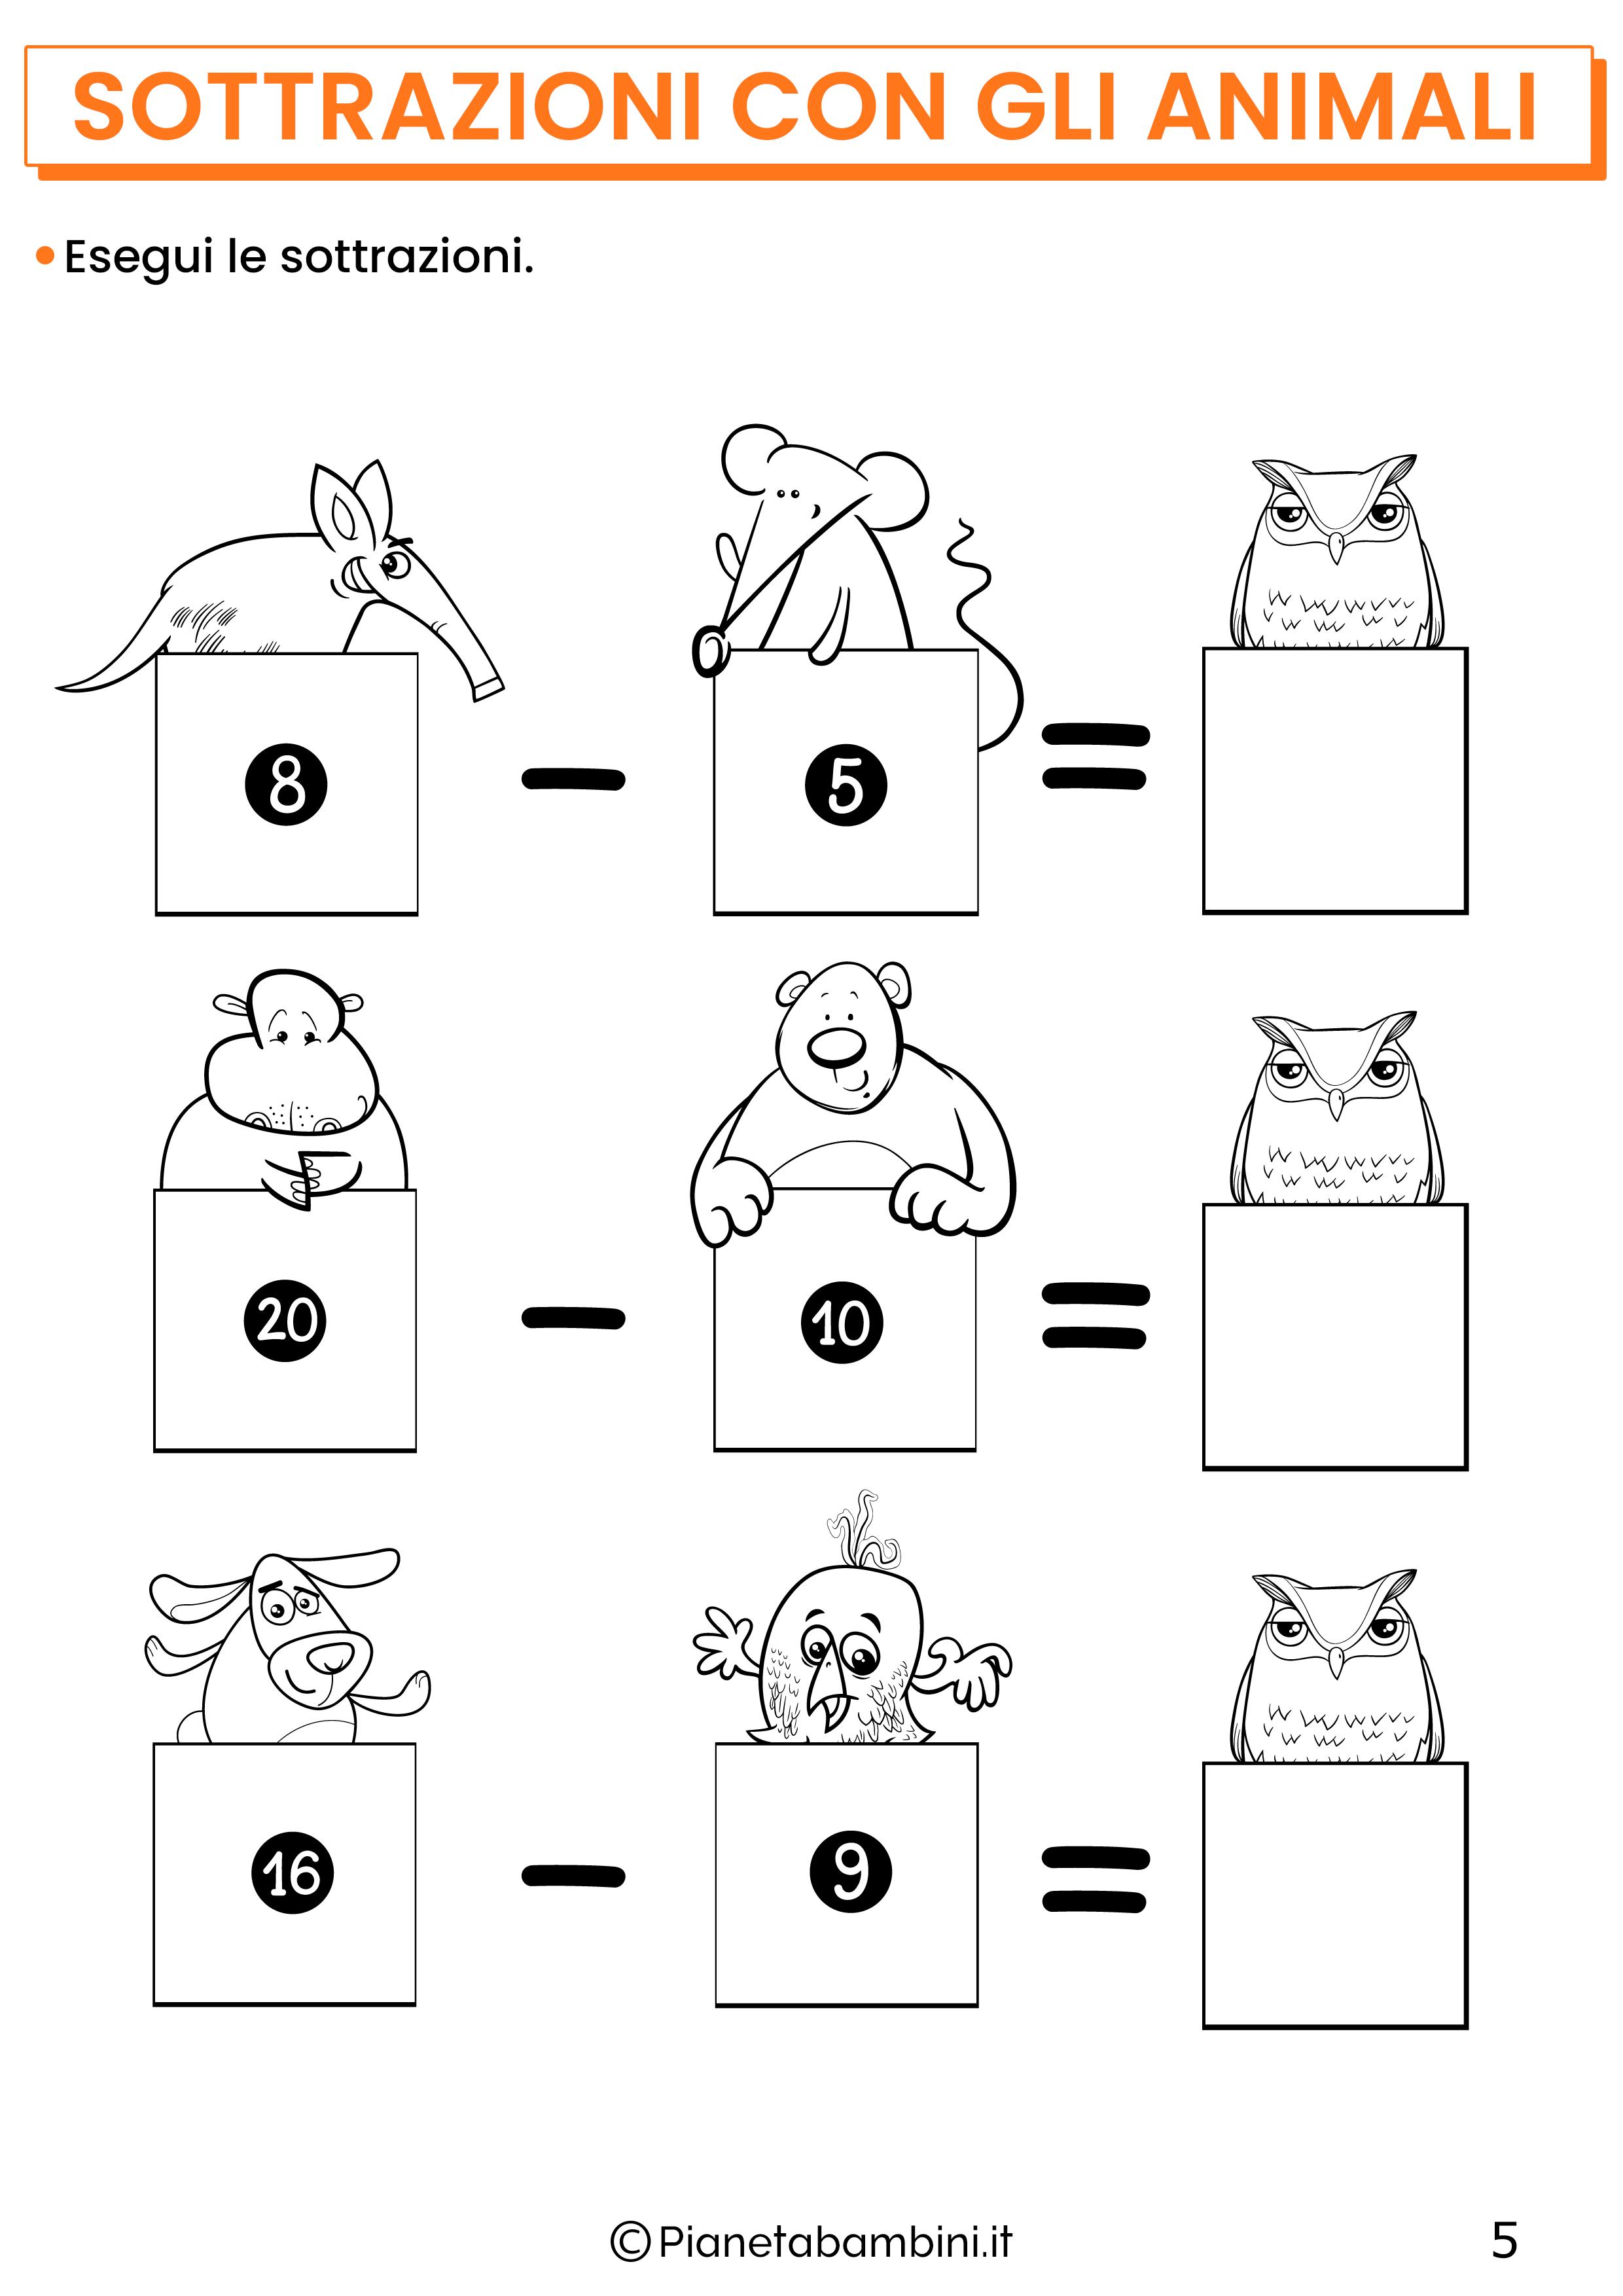 Sottrazioni con gli animali per la classe prima pagina 5